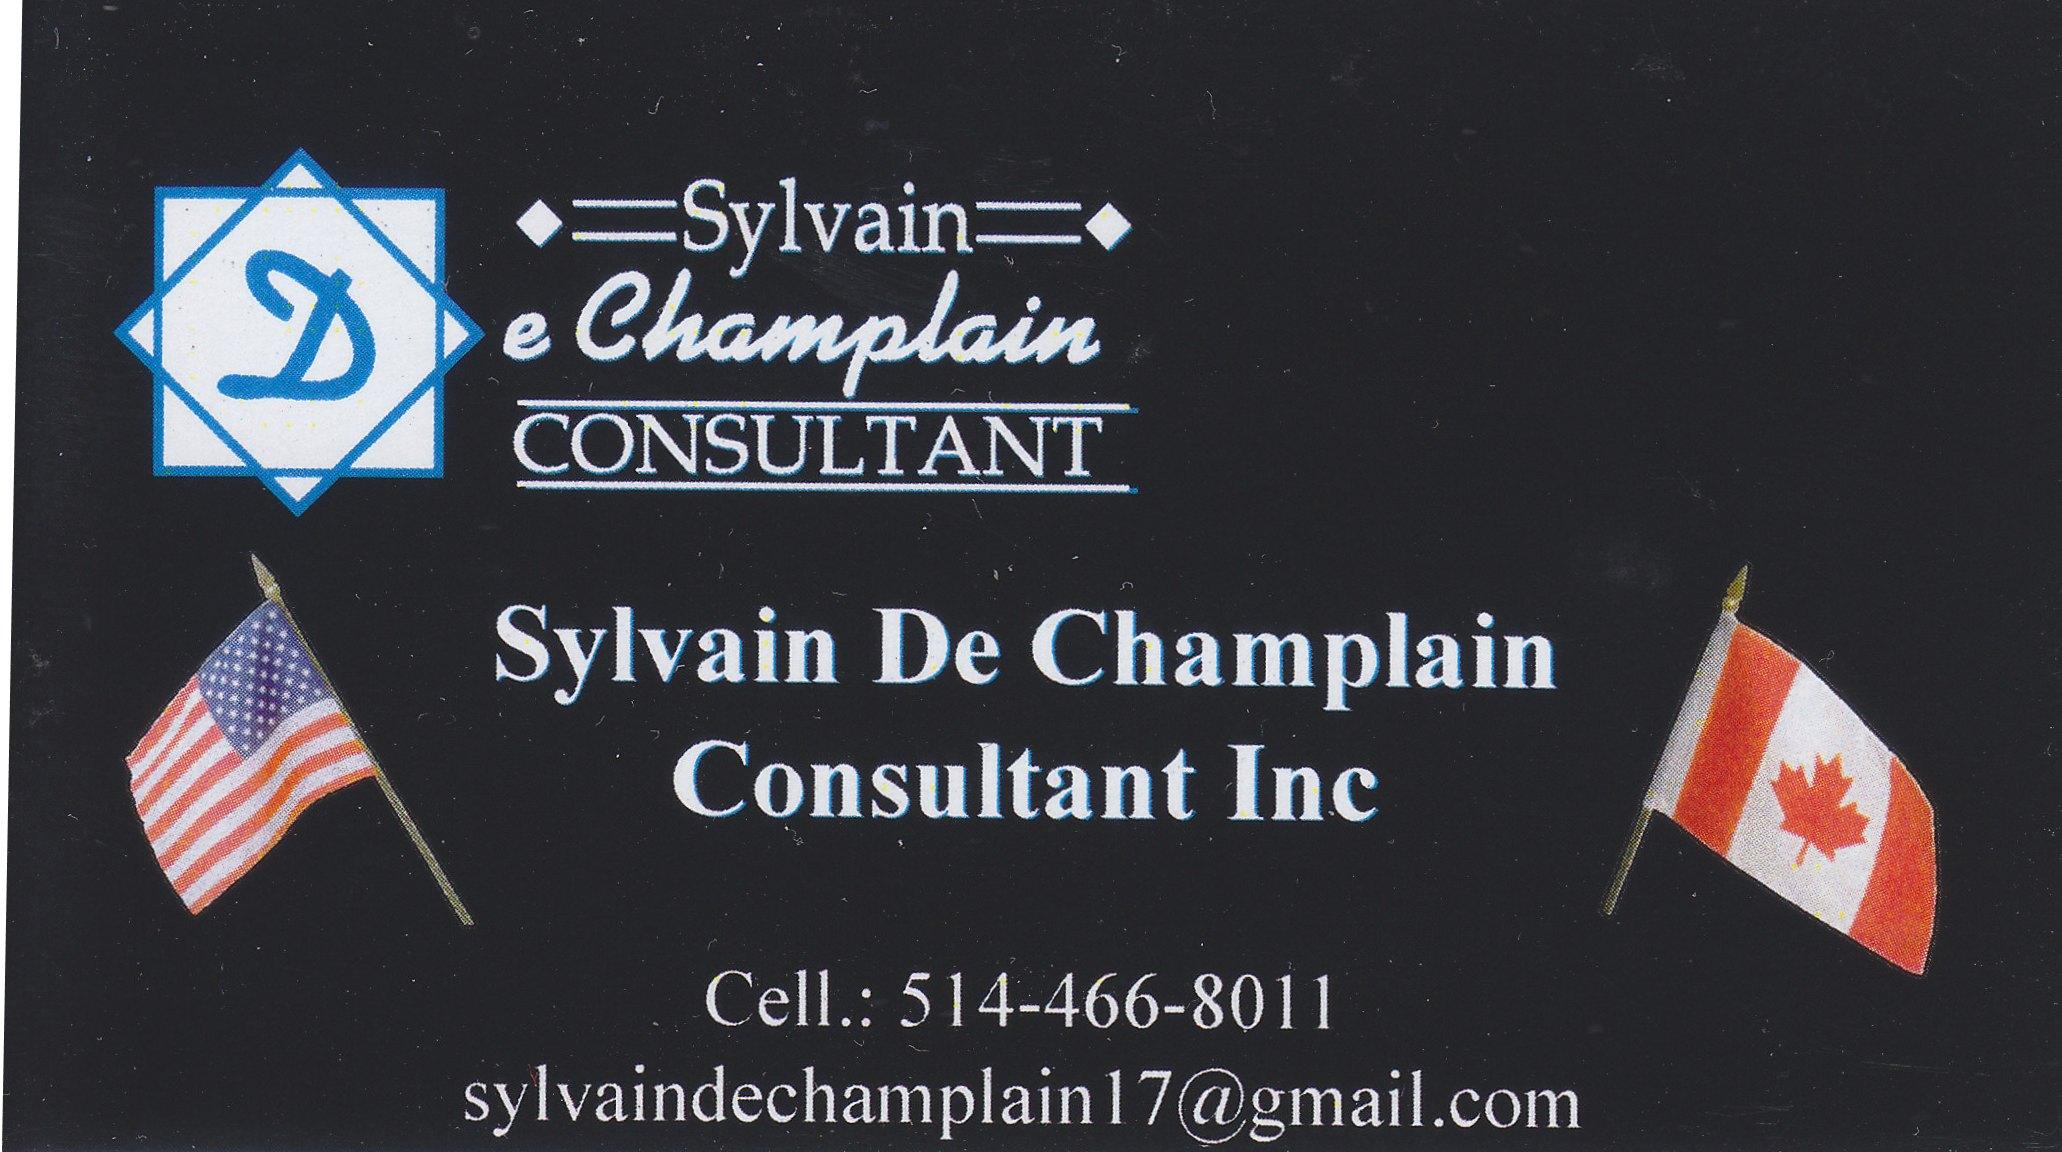 Sylvain de Champlain Consultant